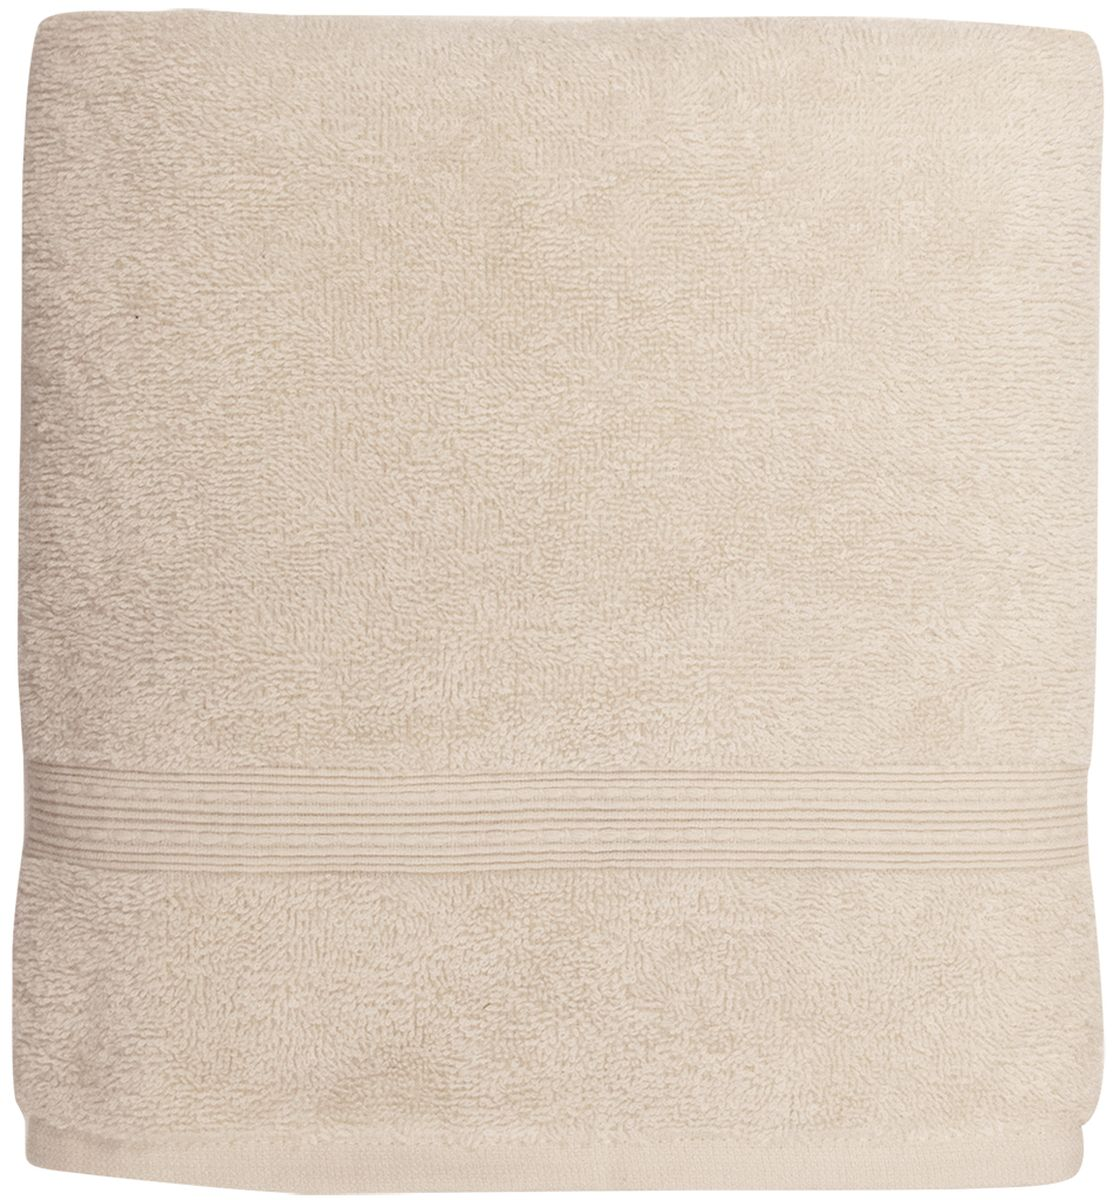 Полотенце банное Bonita Classic, цвет: кремовый, 50 x 90 см1011217215Банное полотенце Bonita Classic выполнено из 100% хлопка. Изделие отлично впитывает влагу, быстро сохнет, сохраняет яркость цвета и не теряет форму даже после многократных стирок. Такое полотенце очень практично и неприхотливо в уходе. Оно создаст прекрасное настроение и украсит интерьер в ванной комнате.